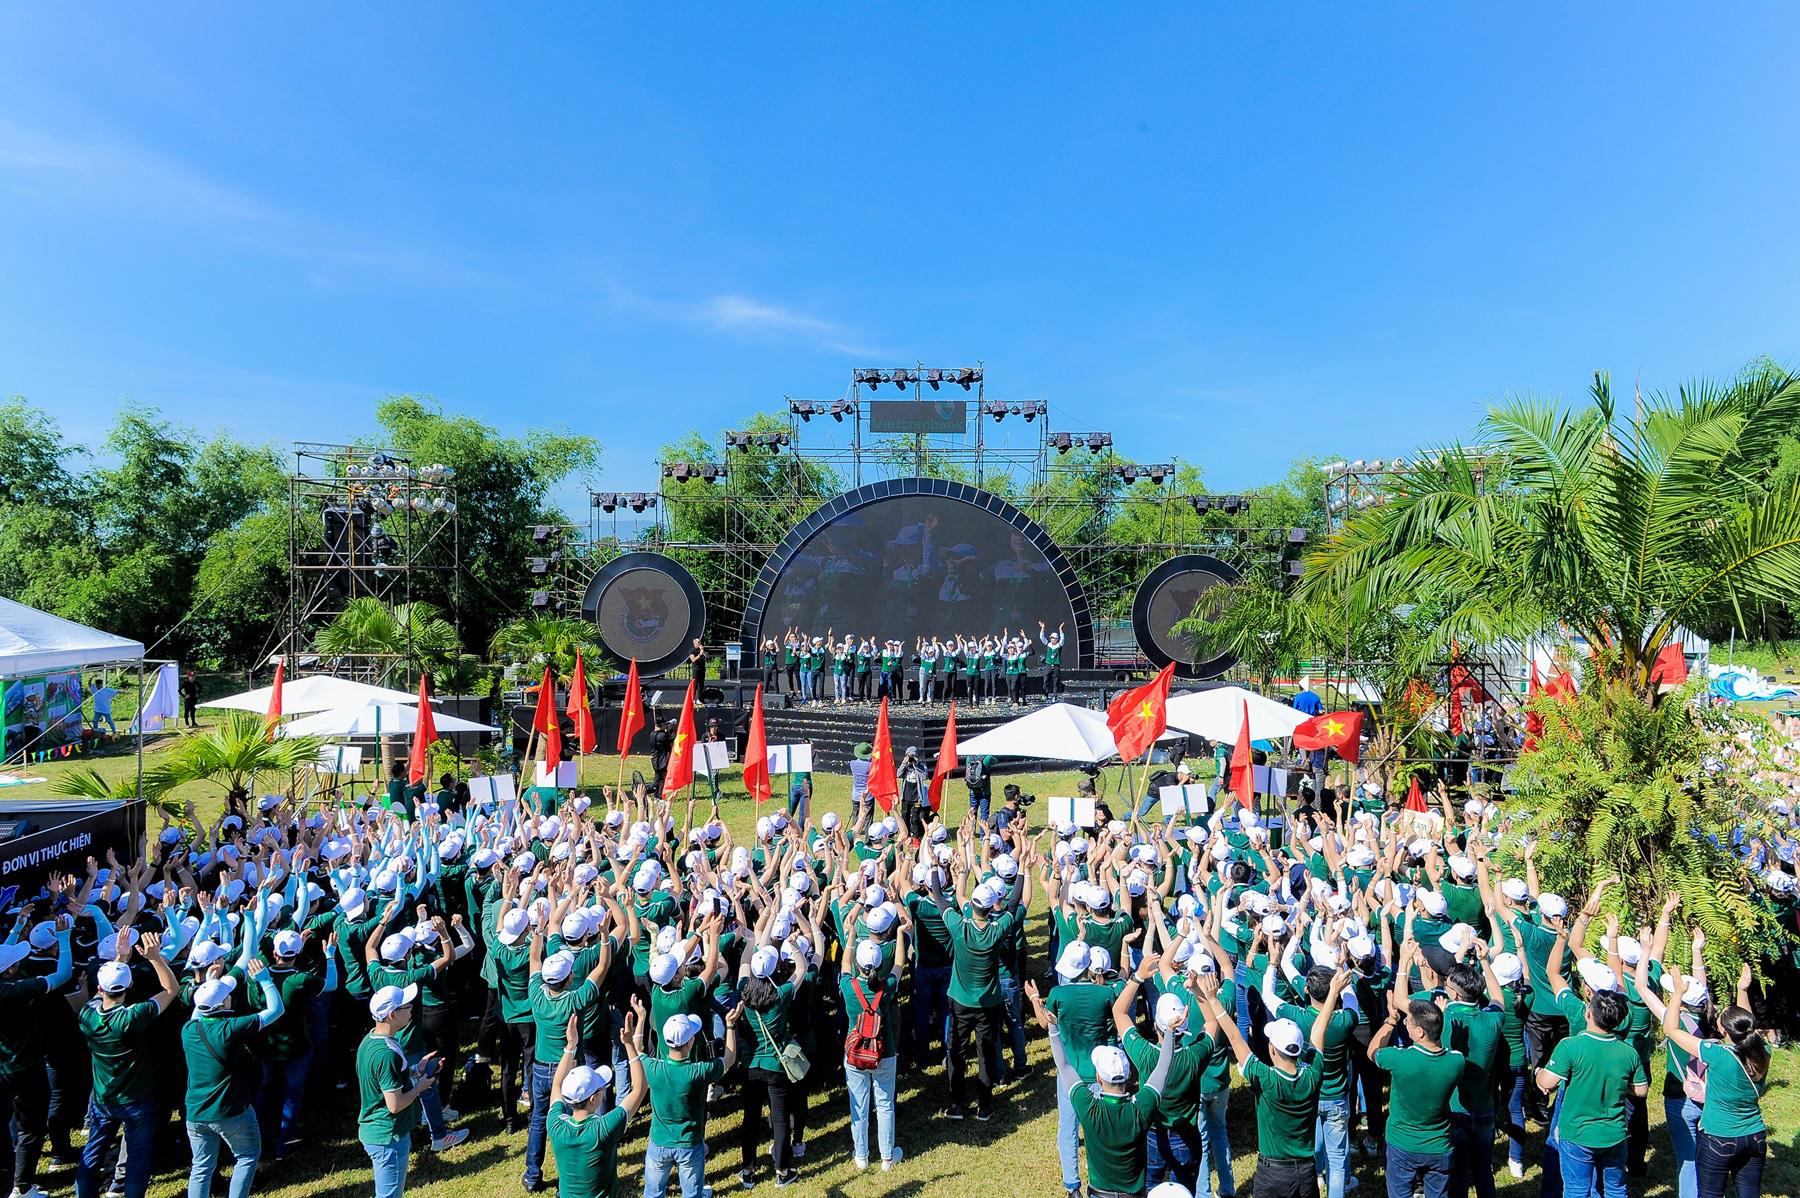 """Hội trại """"Tuổi trẻ Vietcombank – Sắt son niềm tin với Đảng"""" hướng tới chào mừng Đại hội Đảng các cấp - Ảnh 5."""